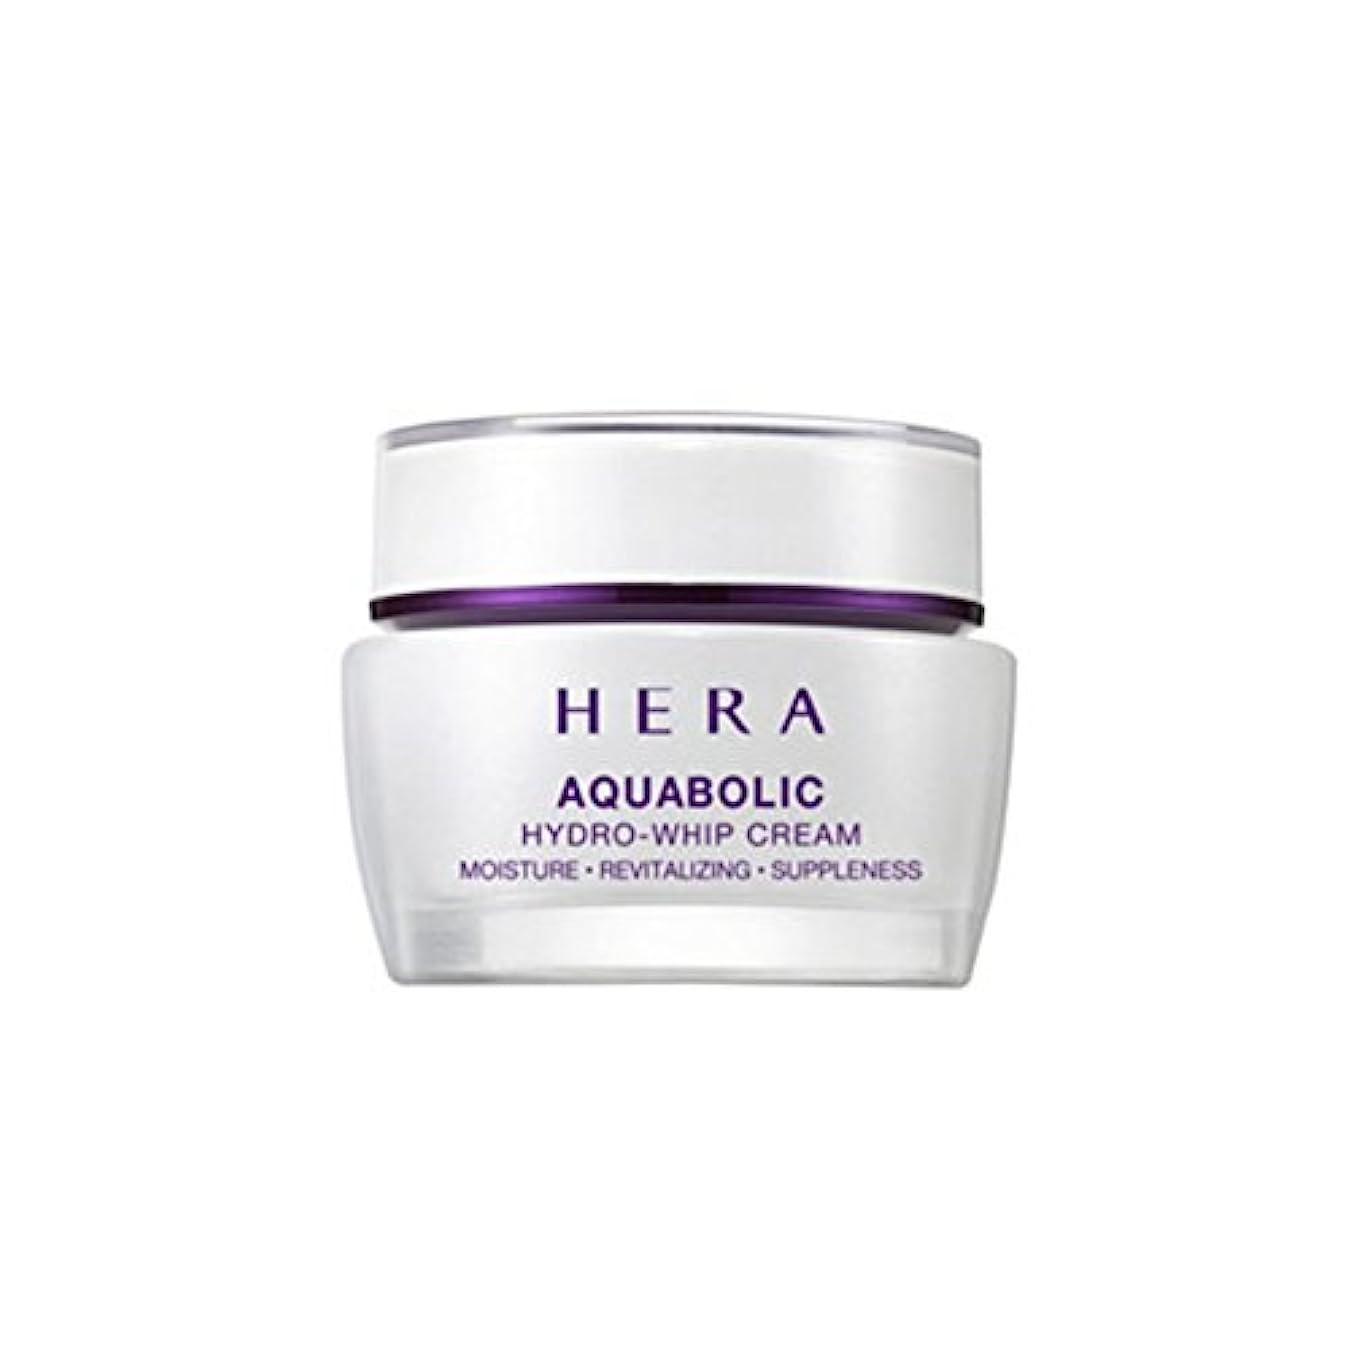 シルエットであることファンブル(ヘラ) HERA Aquabolic Hydro-Whip Cream アクアボリックハイドロホイップ クリーム (韓国直発送) oopspanda